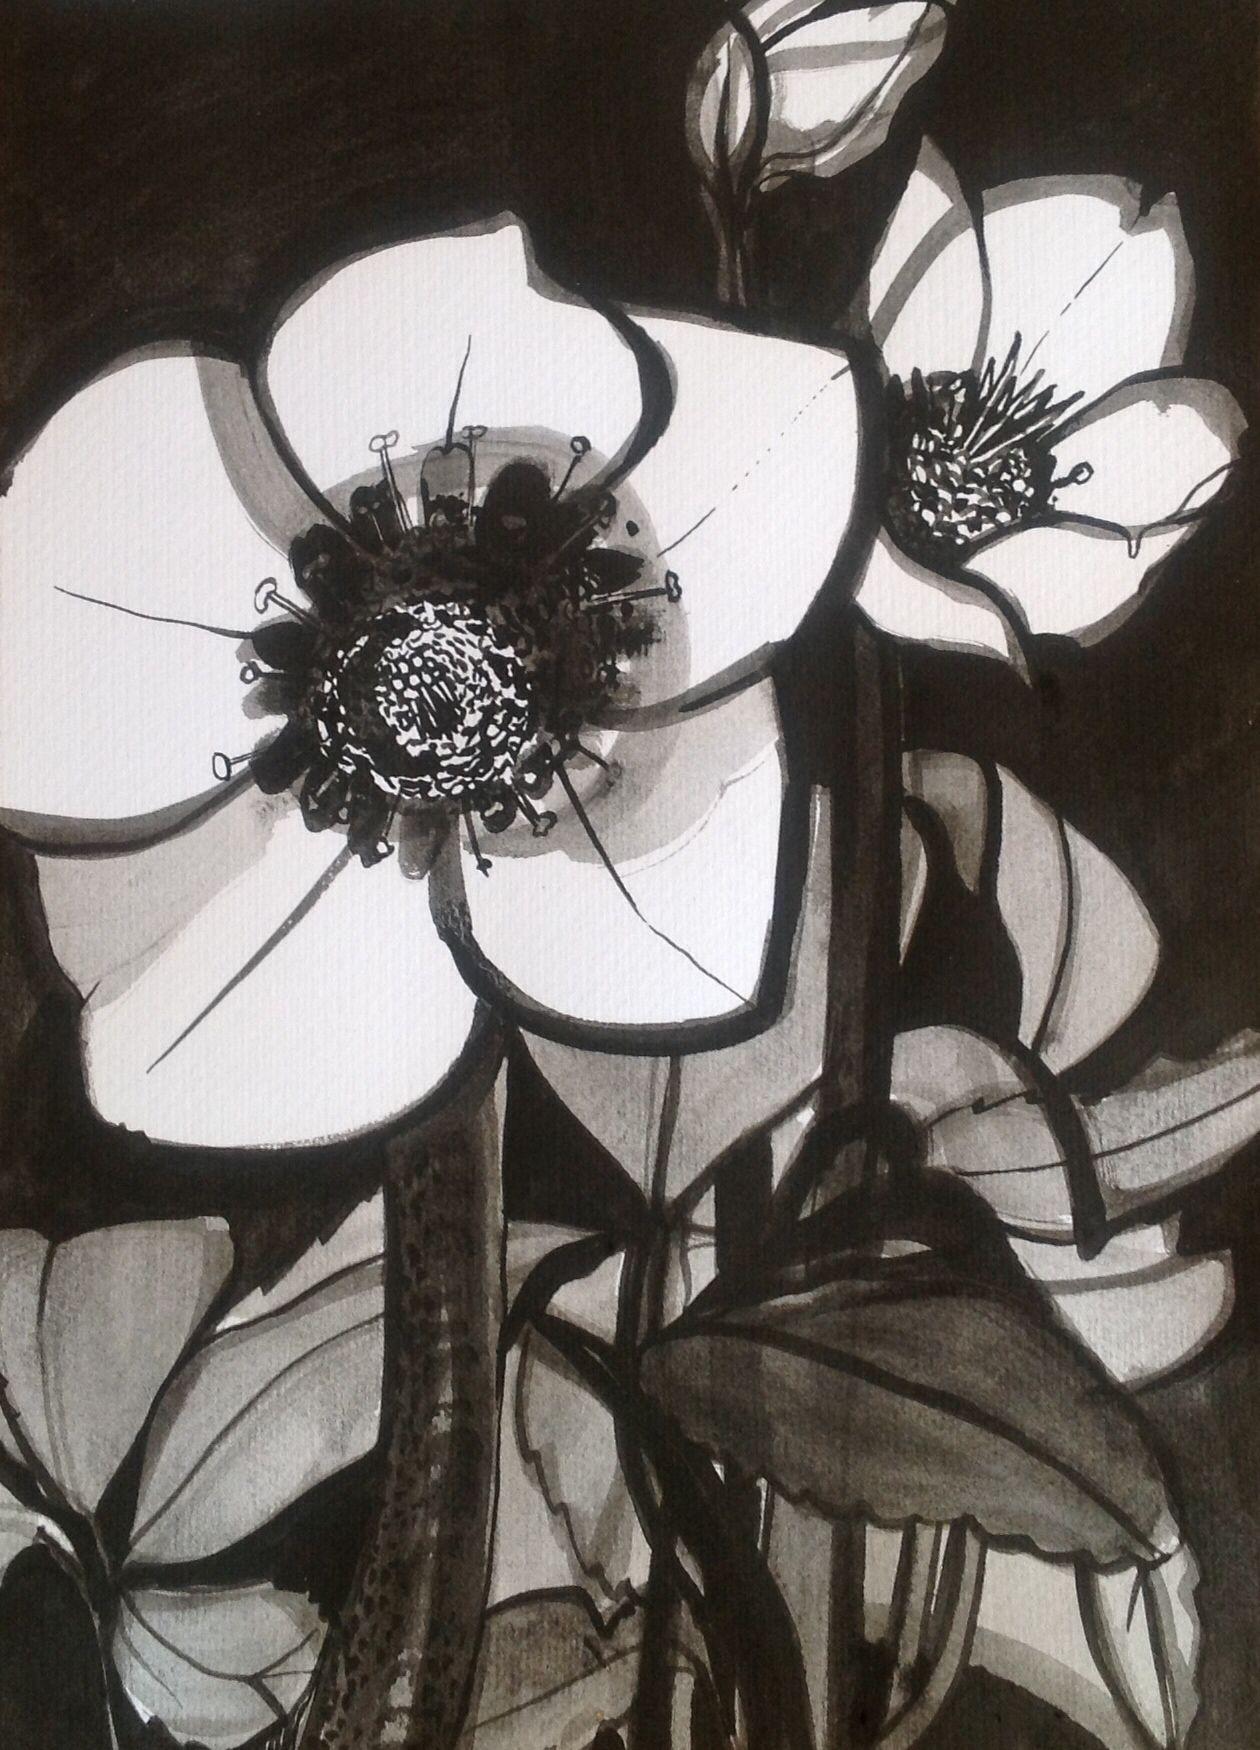 Lenten Rose by Emily Gillmor | Lenten rose, Drawings, Fair grounds